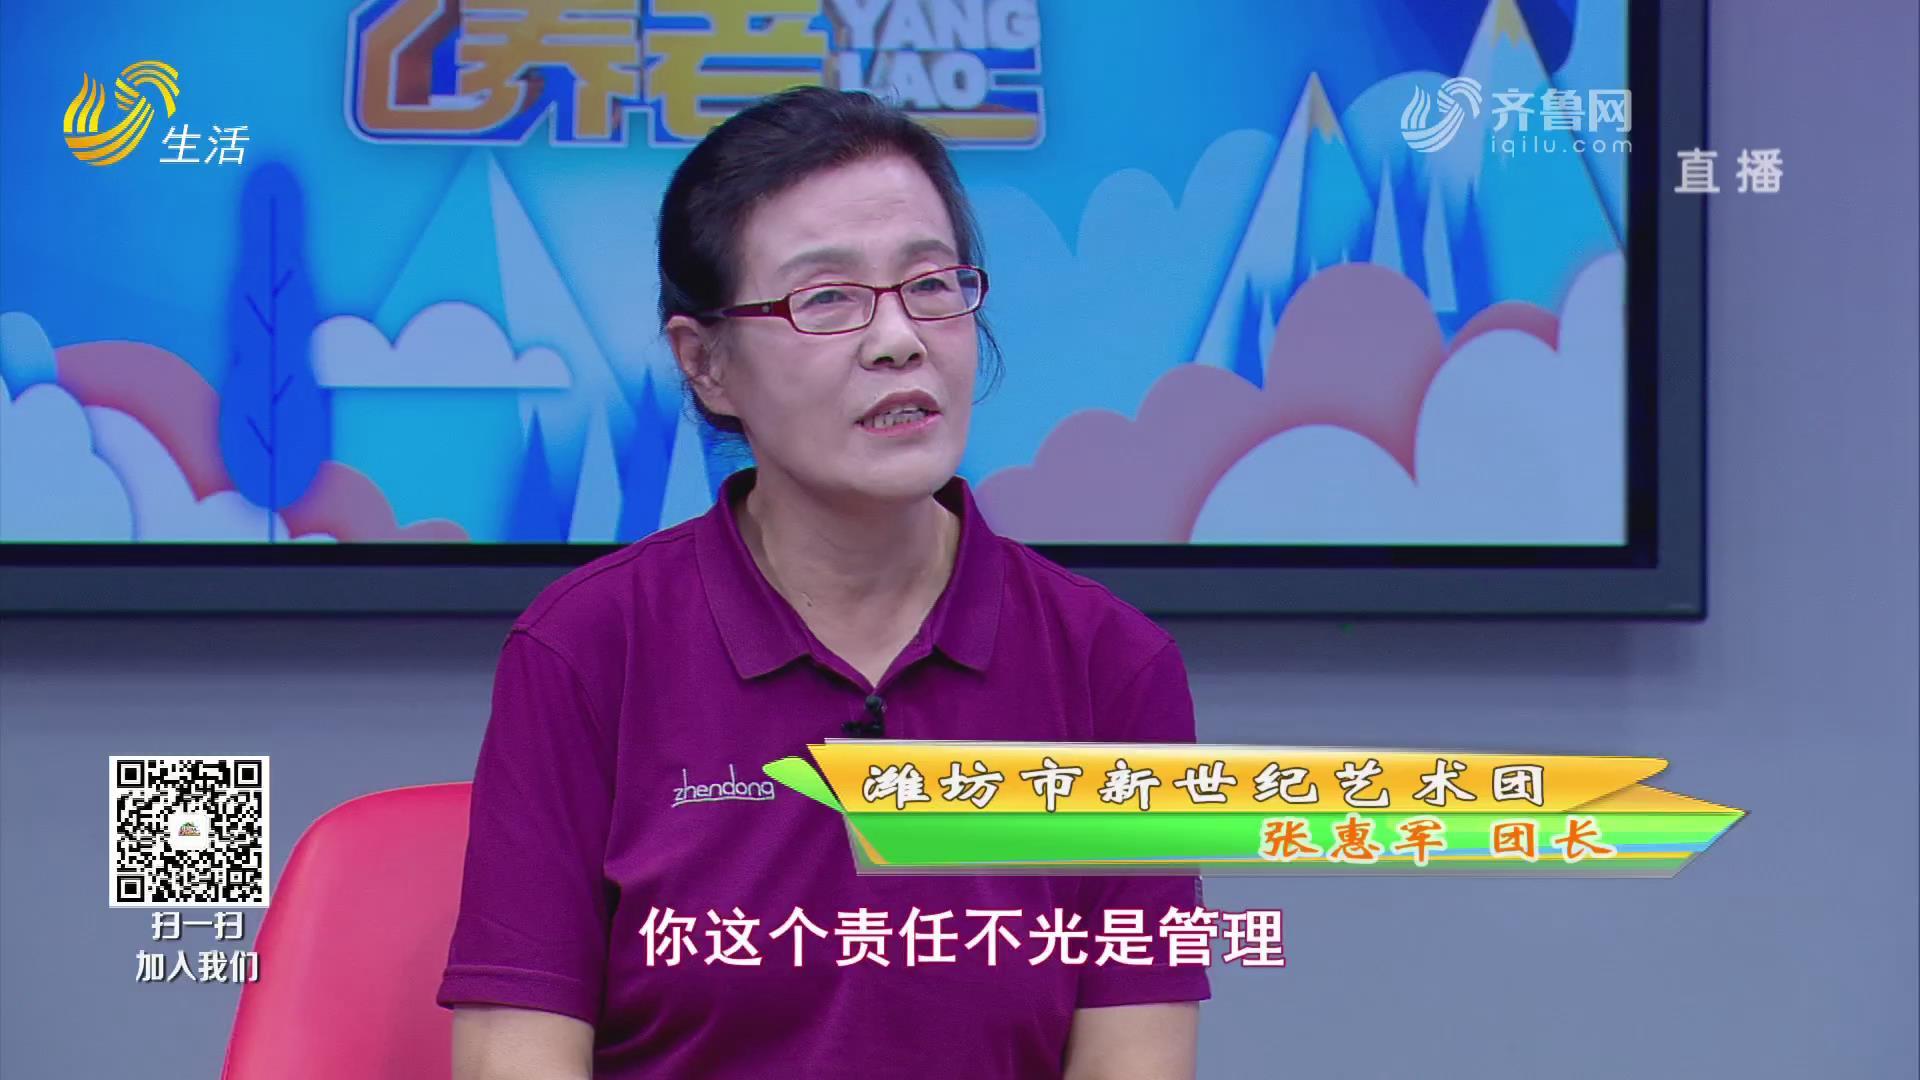 中国式养老- 潍坊市新世纪艺术团团长——张惠军